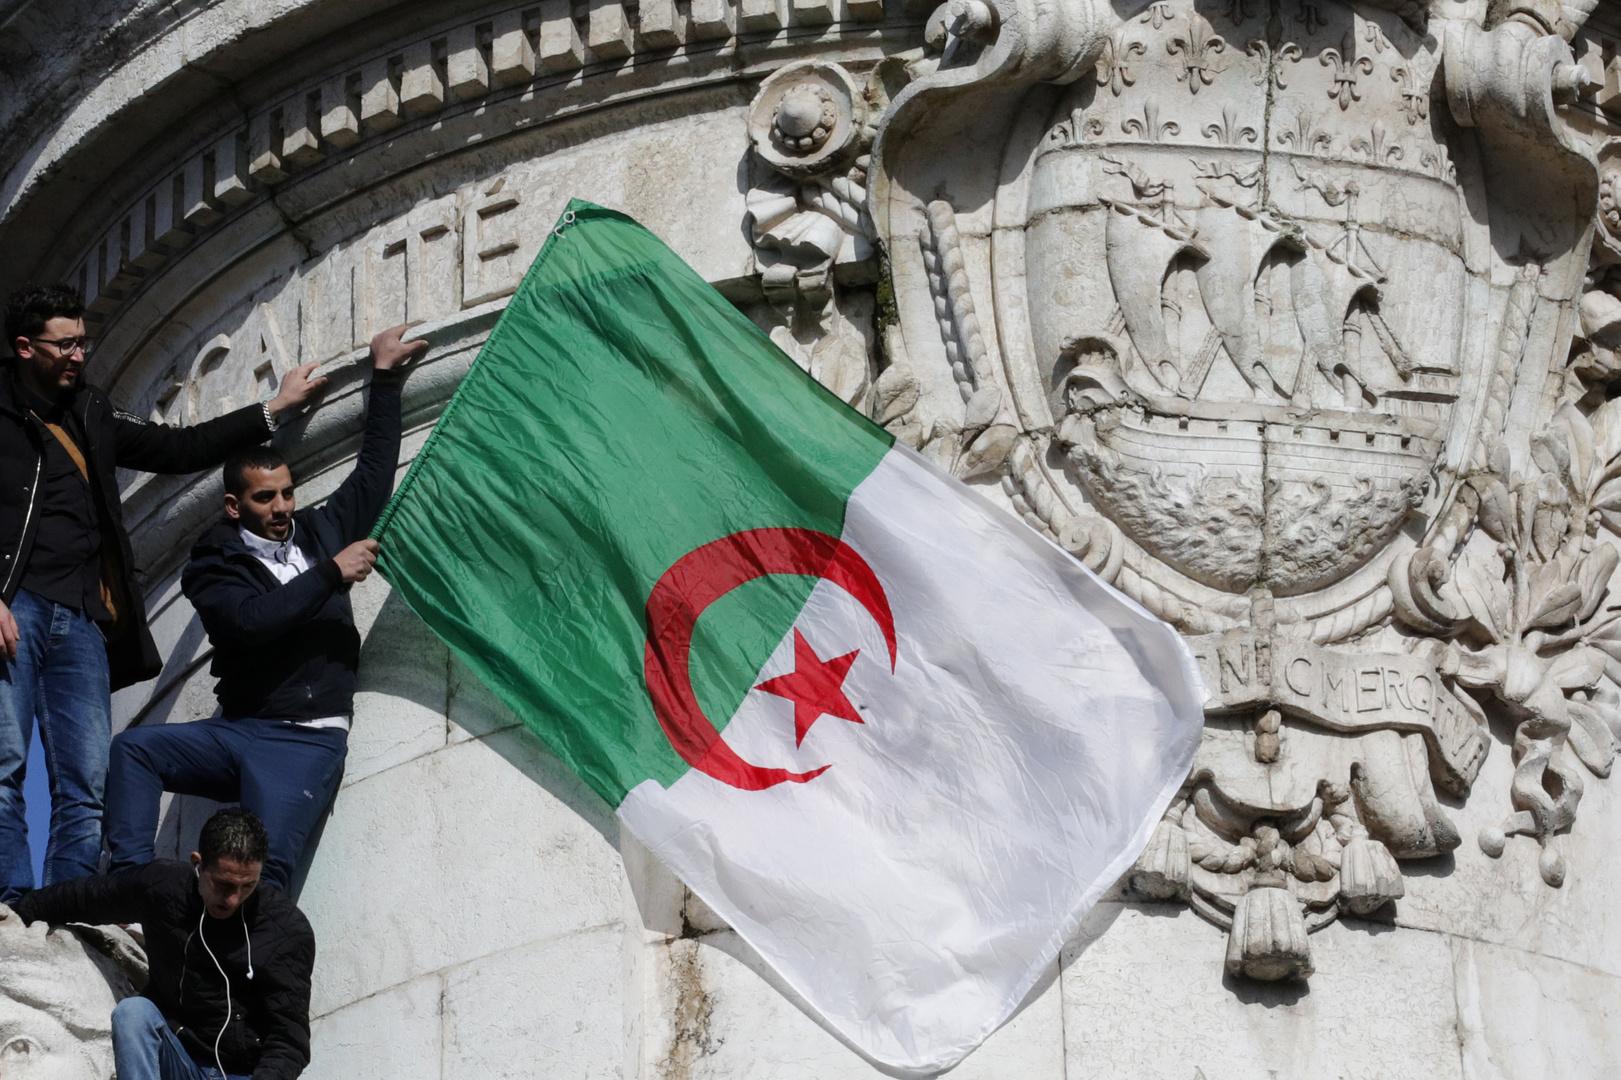 الجزائر  ترد على اتهام فرنسا لها برفض استقبال مهاجريها